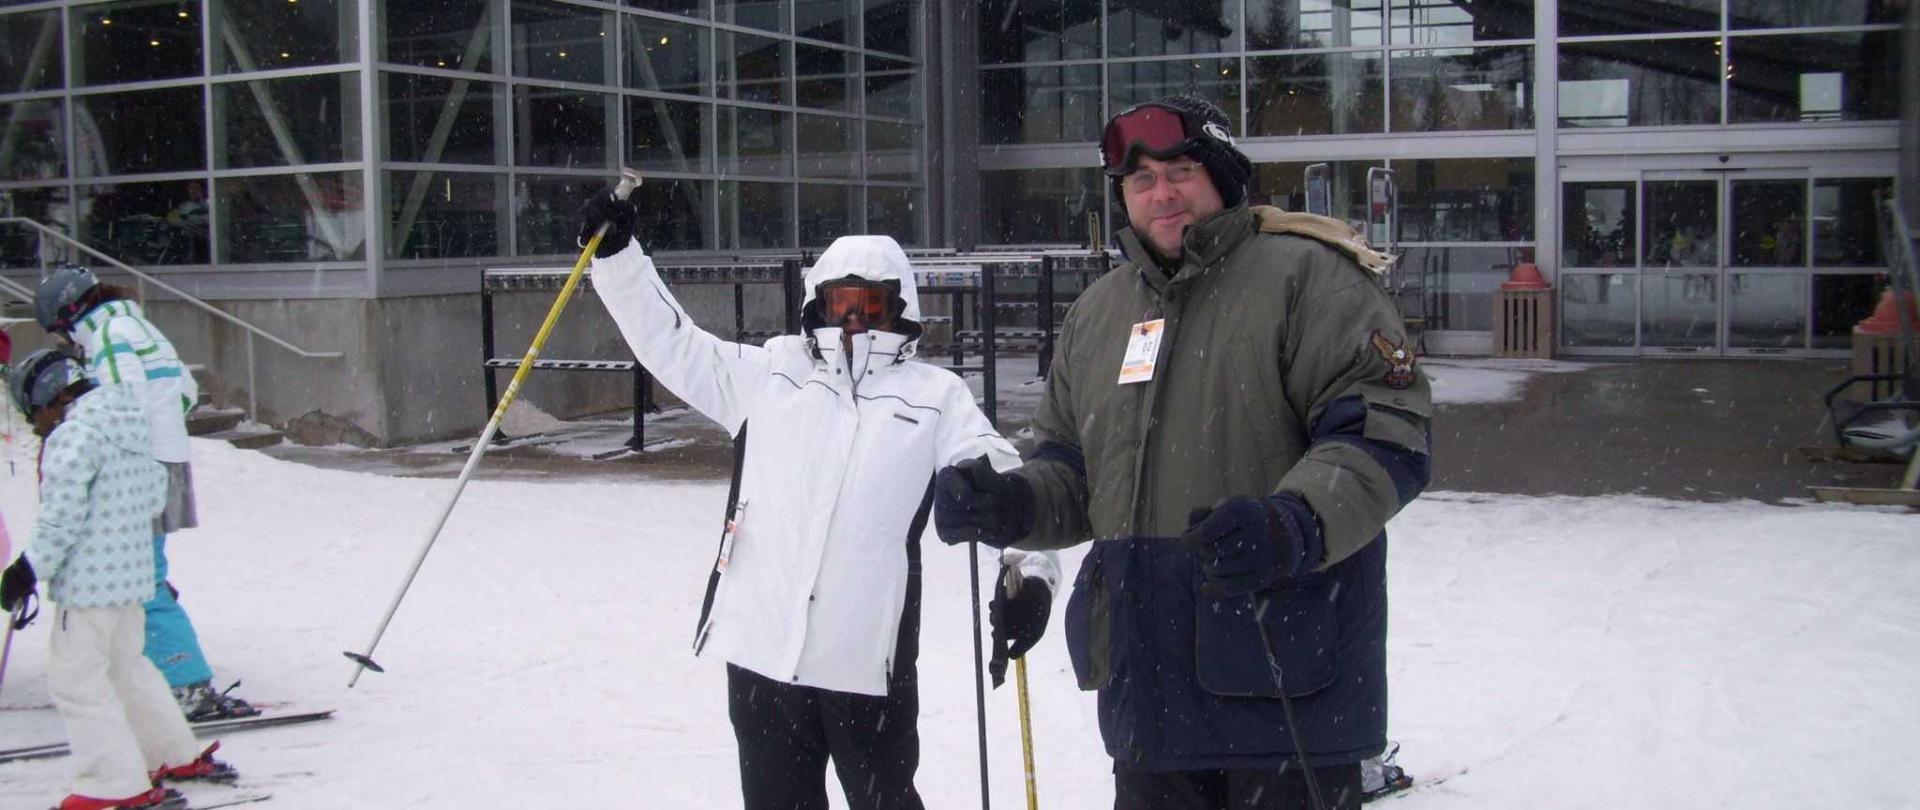 skiing-010.JPG